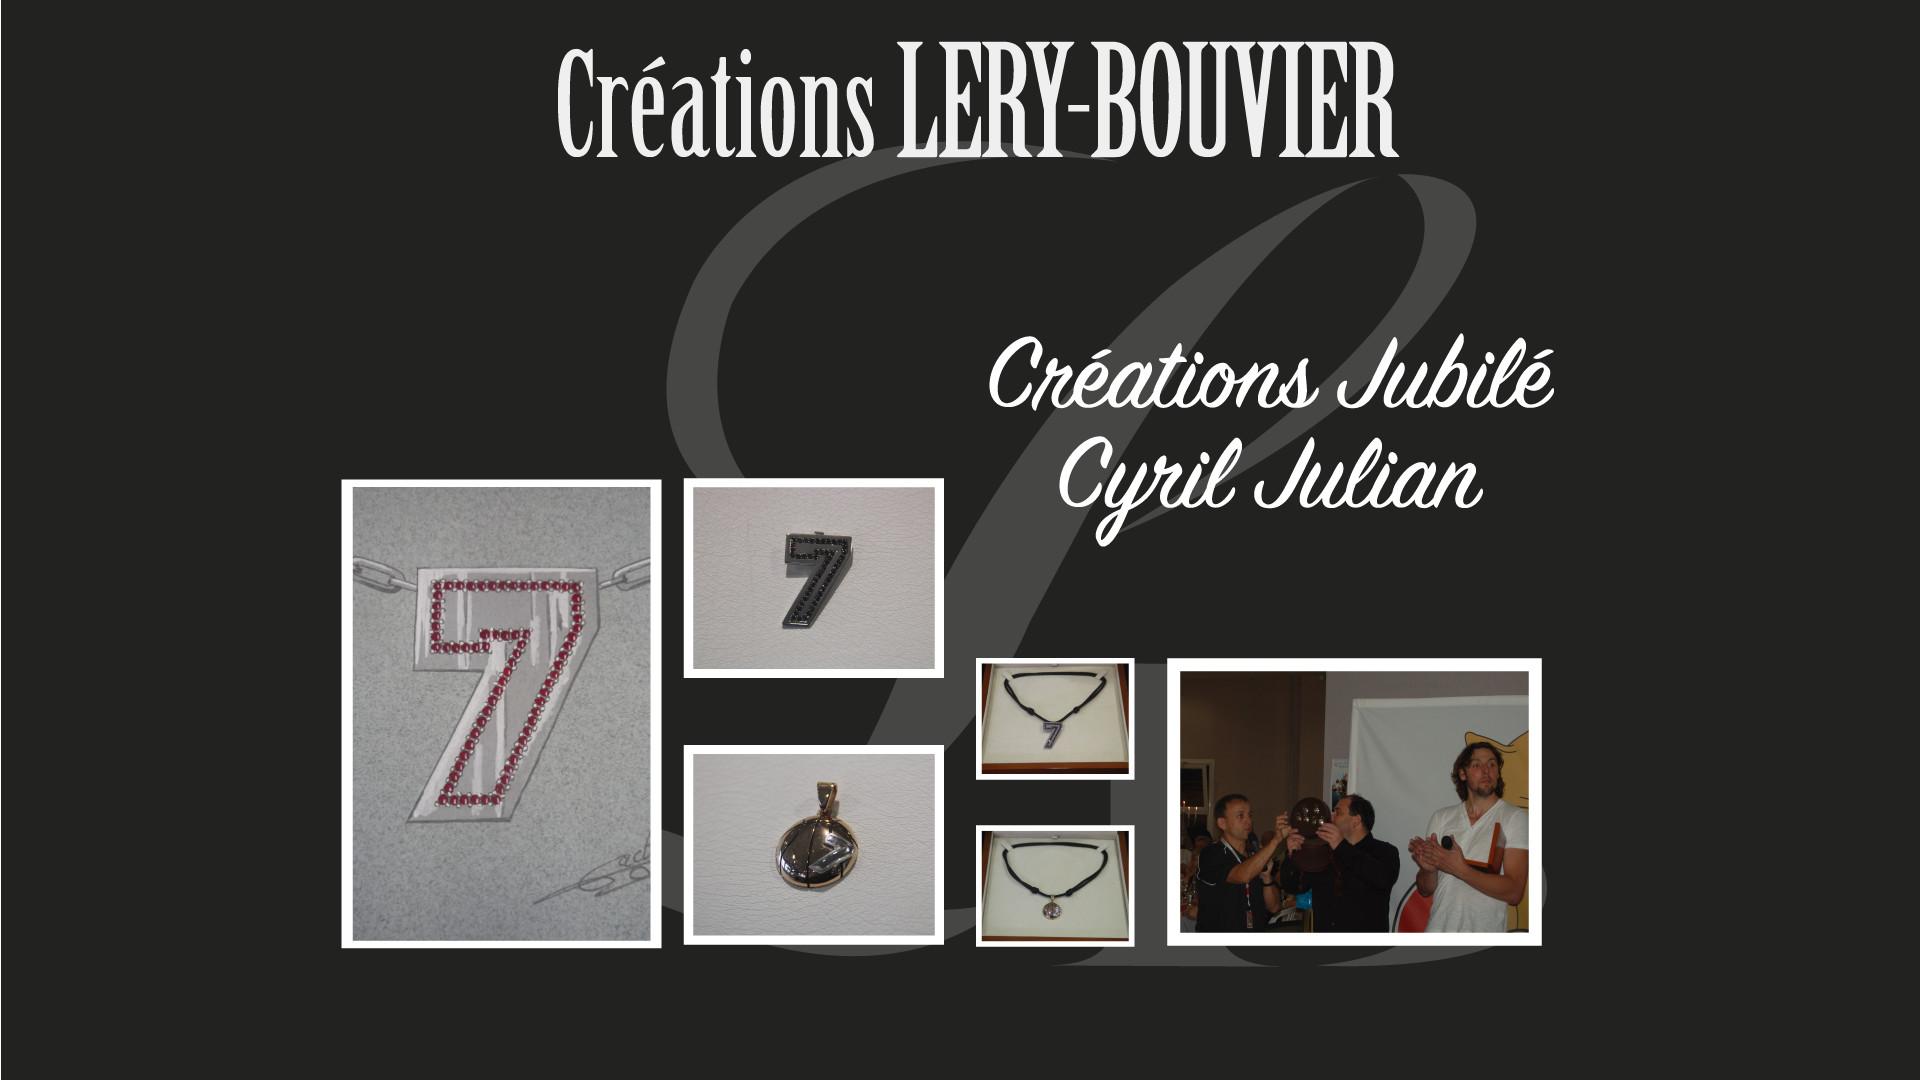 Création Lery Bouvier pour le Jubilé Cyril Julian